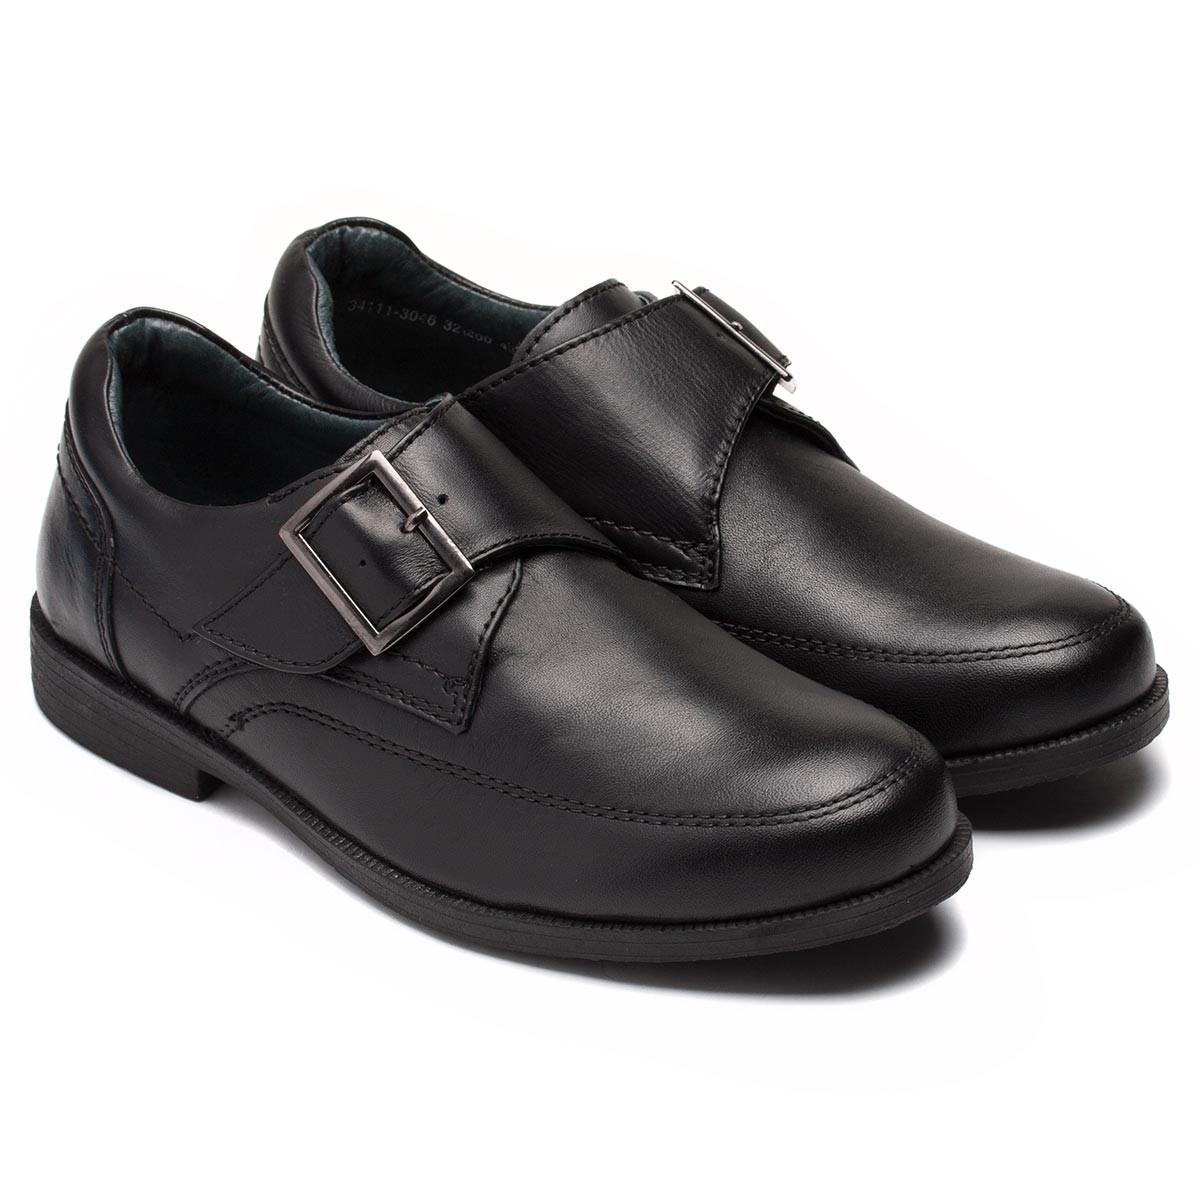 Школьные черные туфли Antilopa для мальчиков, на липучке, размер 32-37